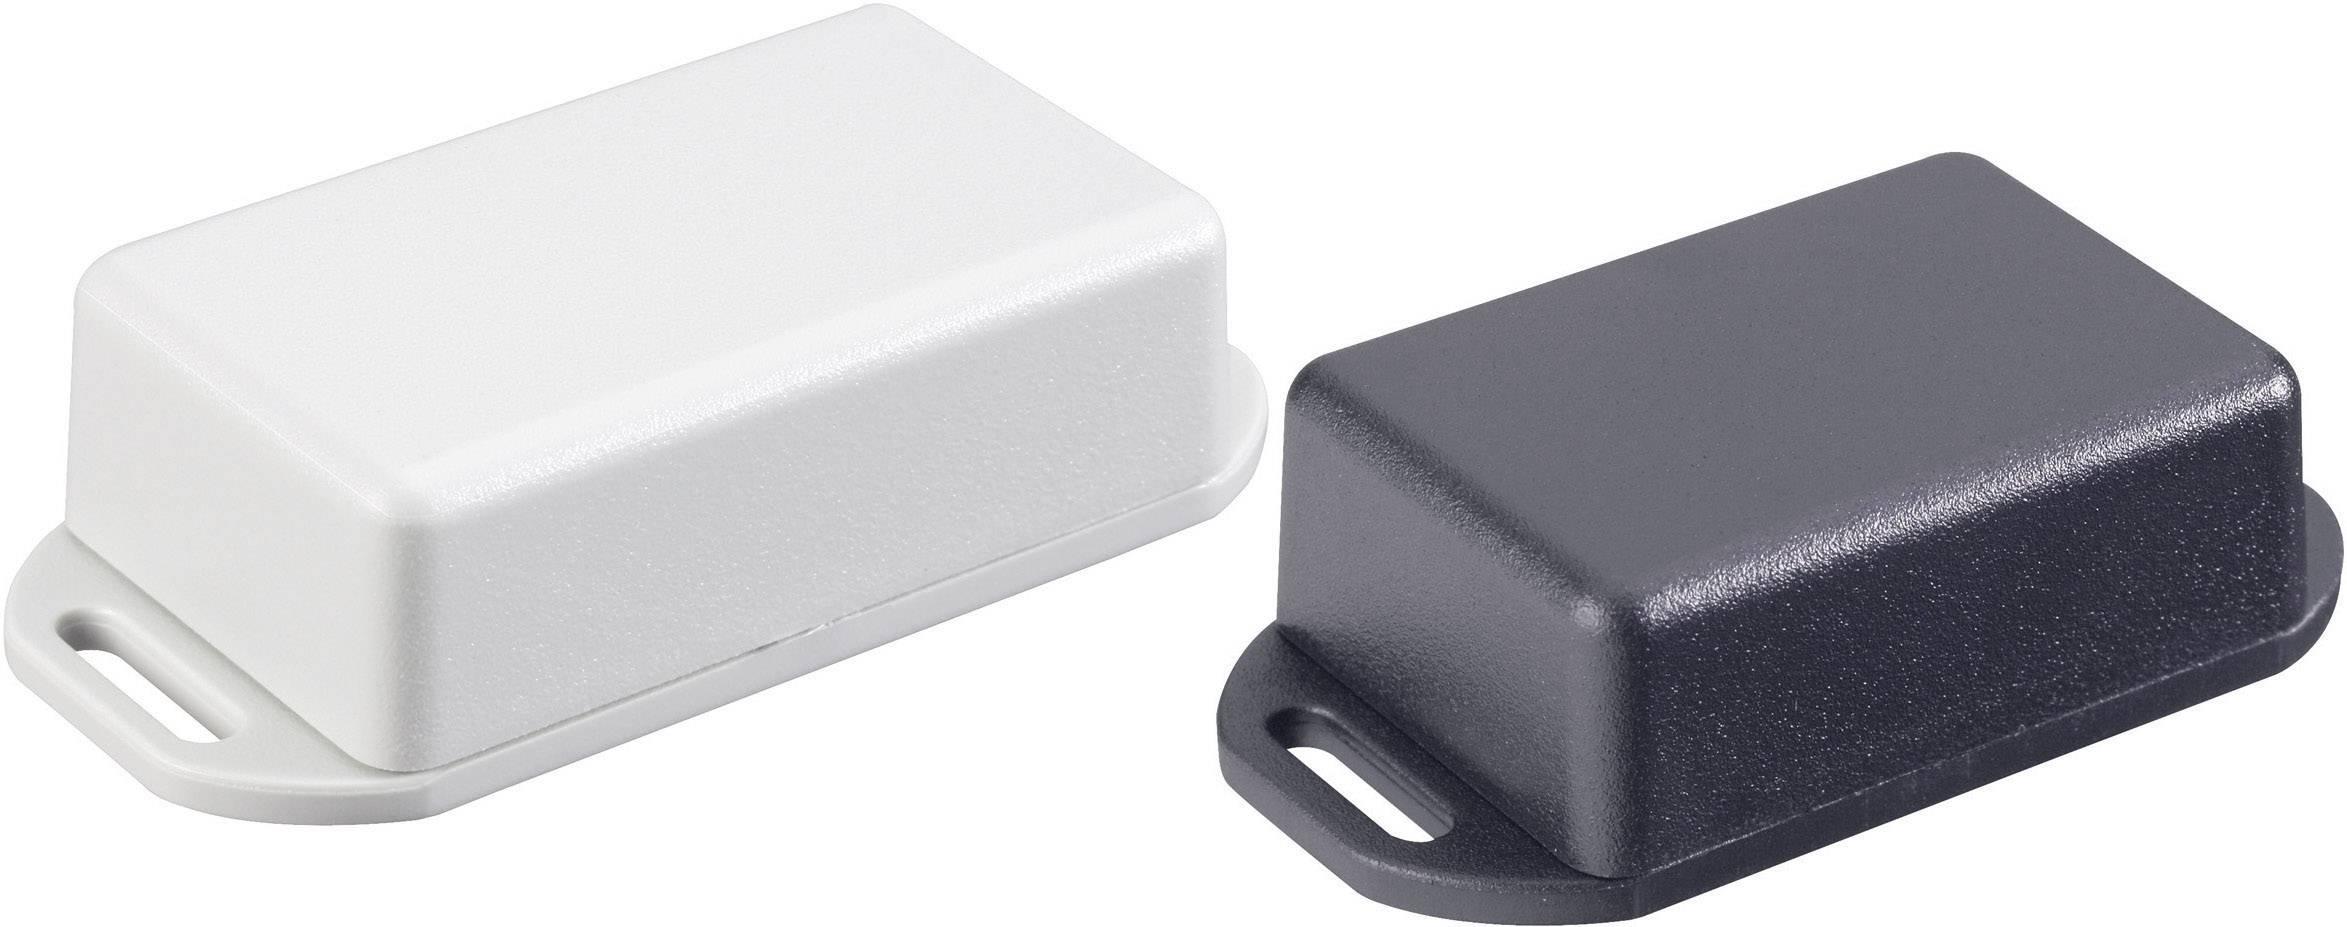 Euro krabice Hammond Electronics 1551MFLBK 1551MFLBK, 35 x 35 x 20 , ABS, čierna, 1 ks